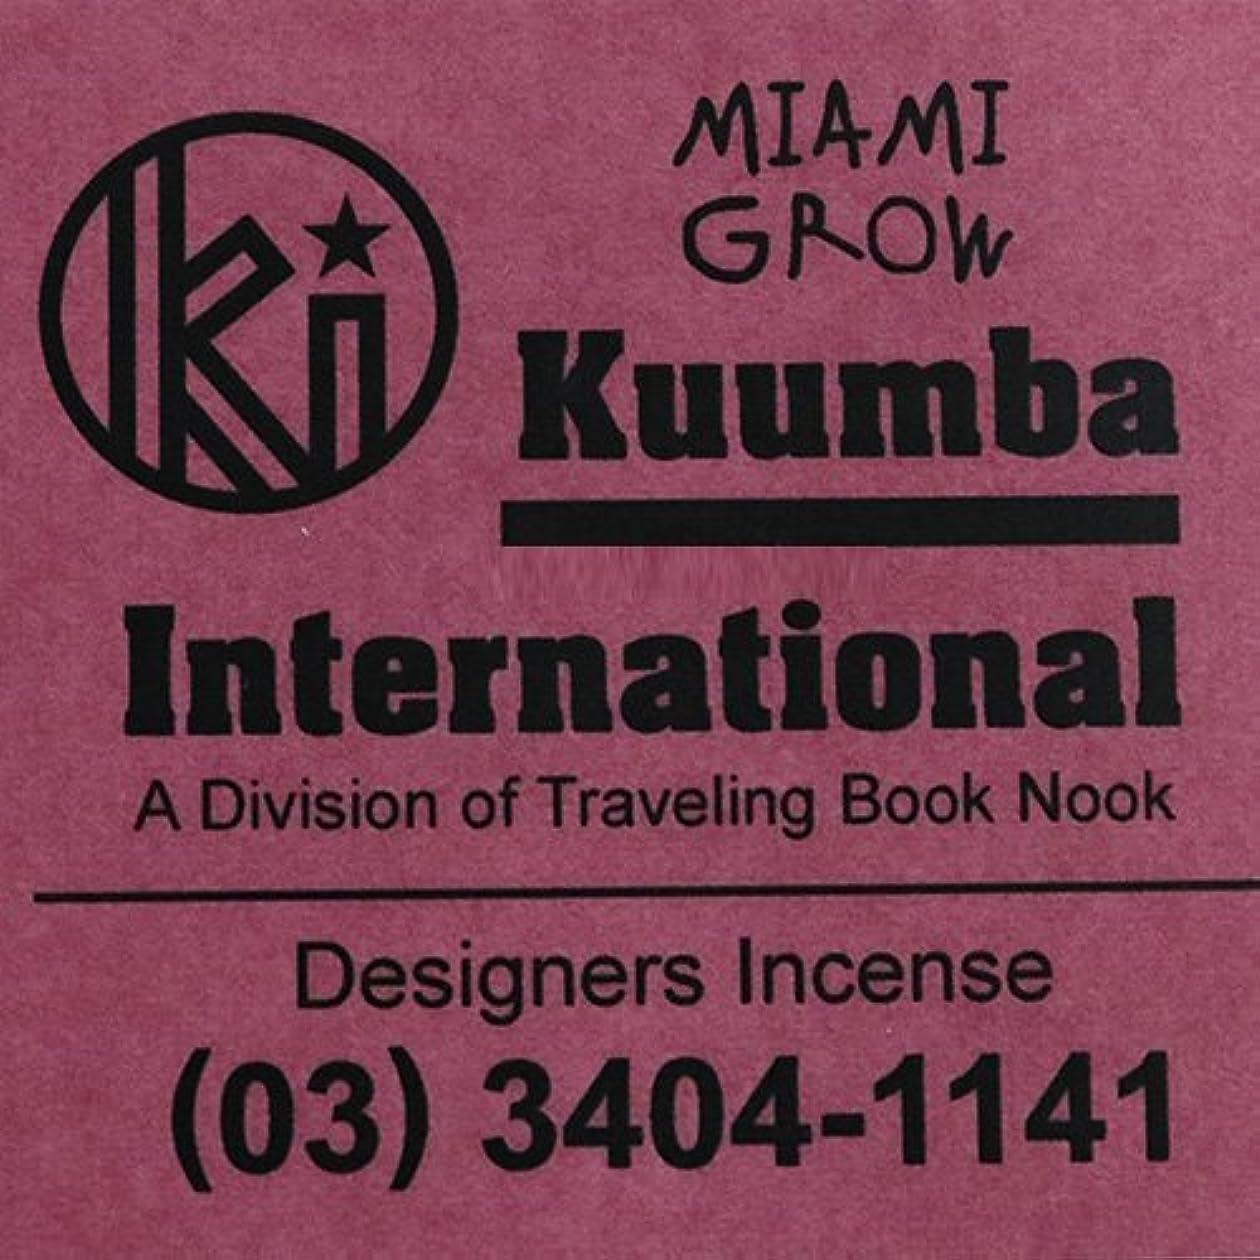 地殻食堂暗唱する(クンバ) KUUMBA『incense』(MIAMI GROW) (Regular size)